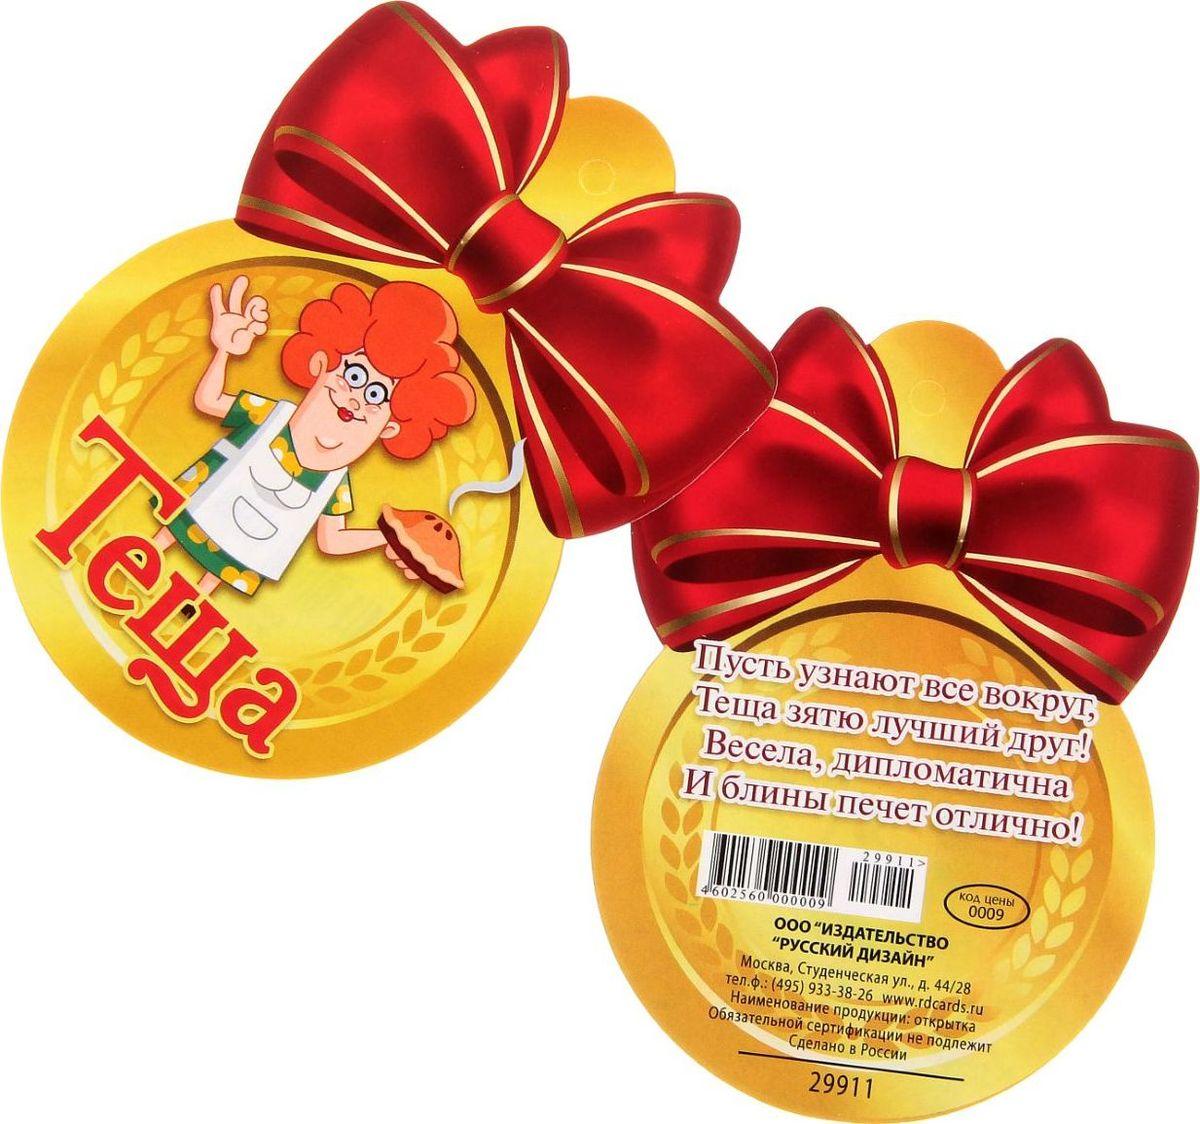 Открытка-медаль сувенирная Русский дизайн Теща1298712Невозможно представить нашу жизнь без праздников! Мы всегда ждём их и предвкушаем, обдумываем, как проведём памятный день, тщательно выбираем подарки и аксессуары, ведь именно они создают и поддерживают торжественный настрой. Это отличный выбор, который привнесёт атмосферу праздника в ваш дом!